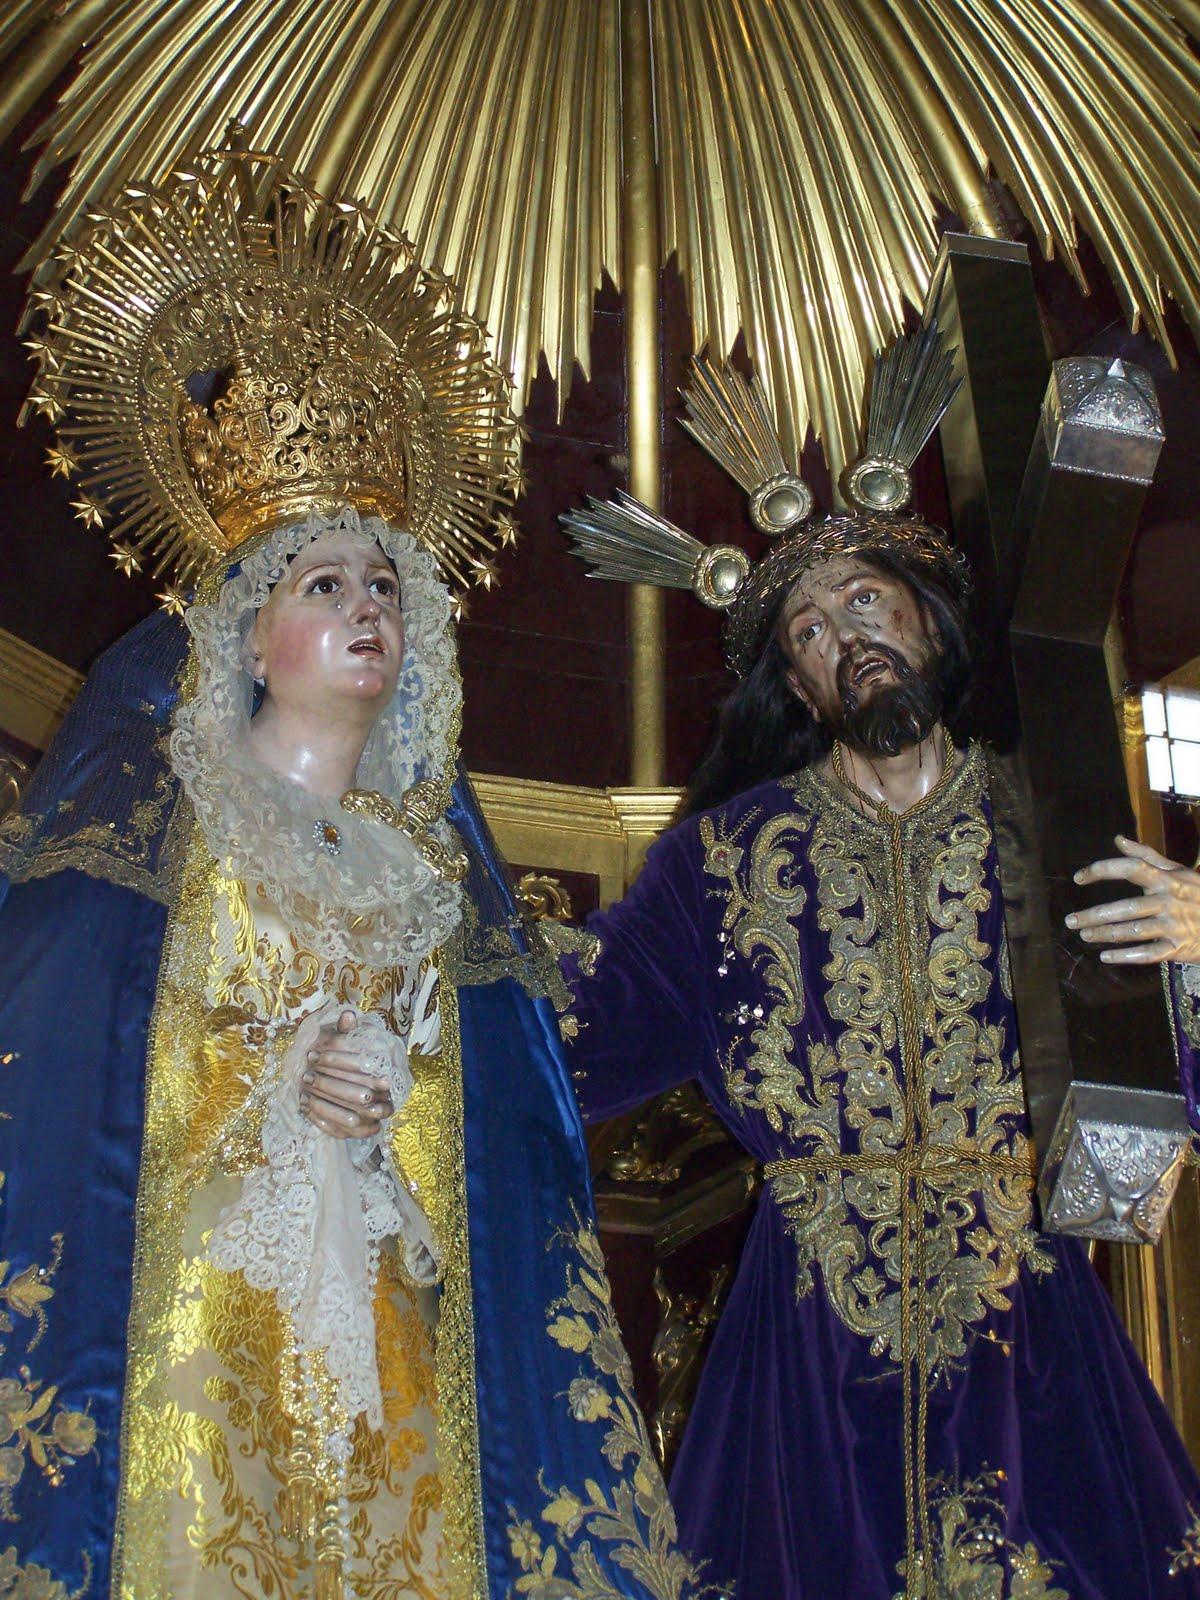 Imagenes de semana santa afligidos c diz - Muebles miguel angel cadiz ...